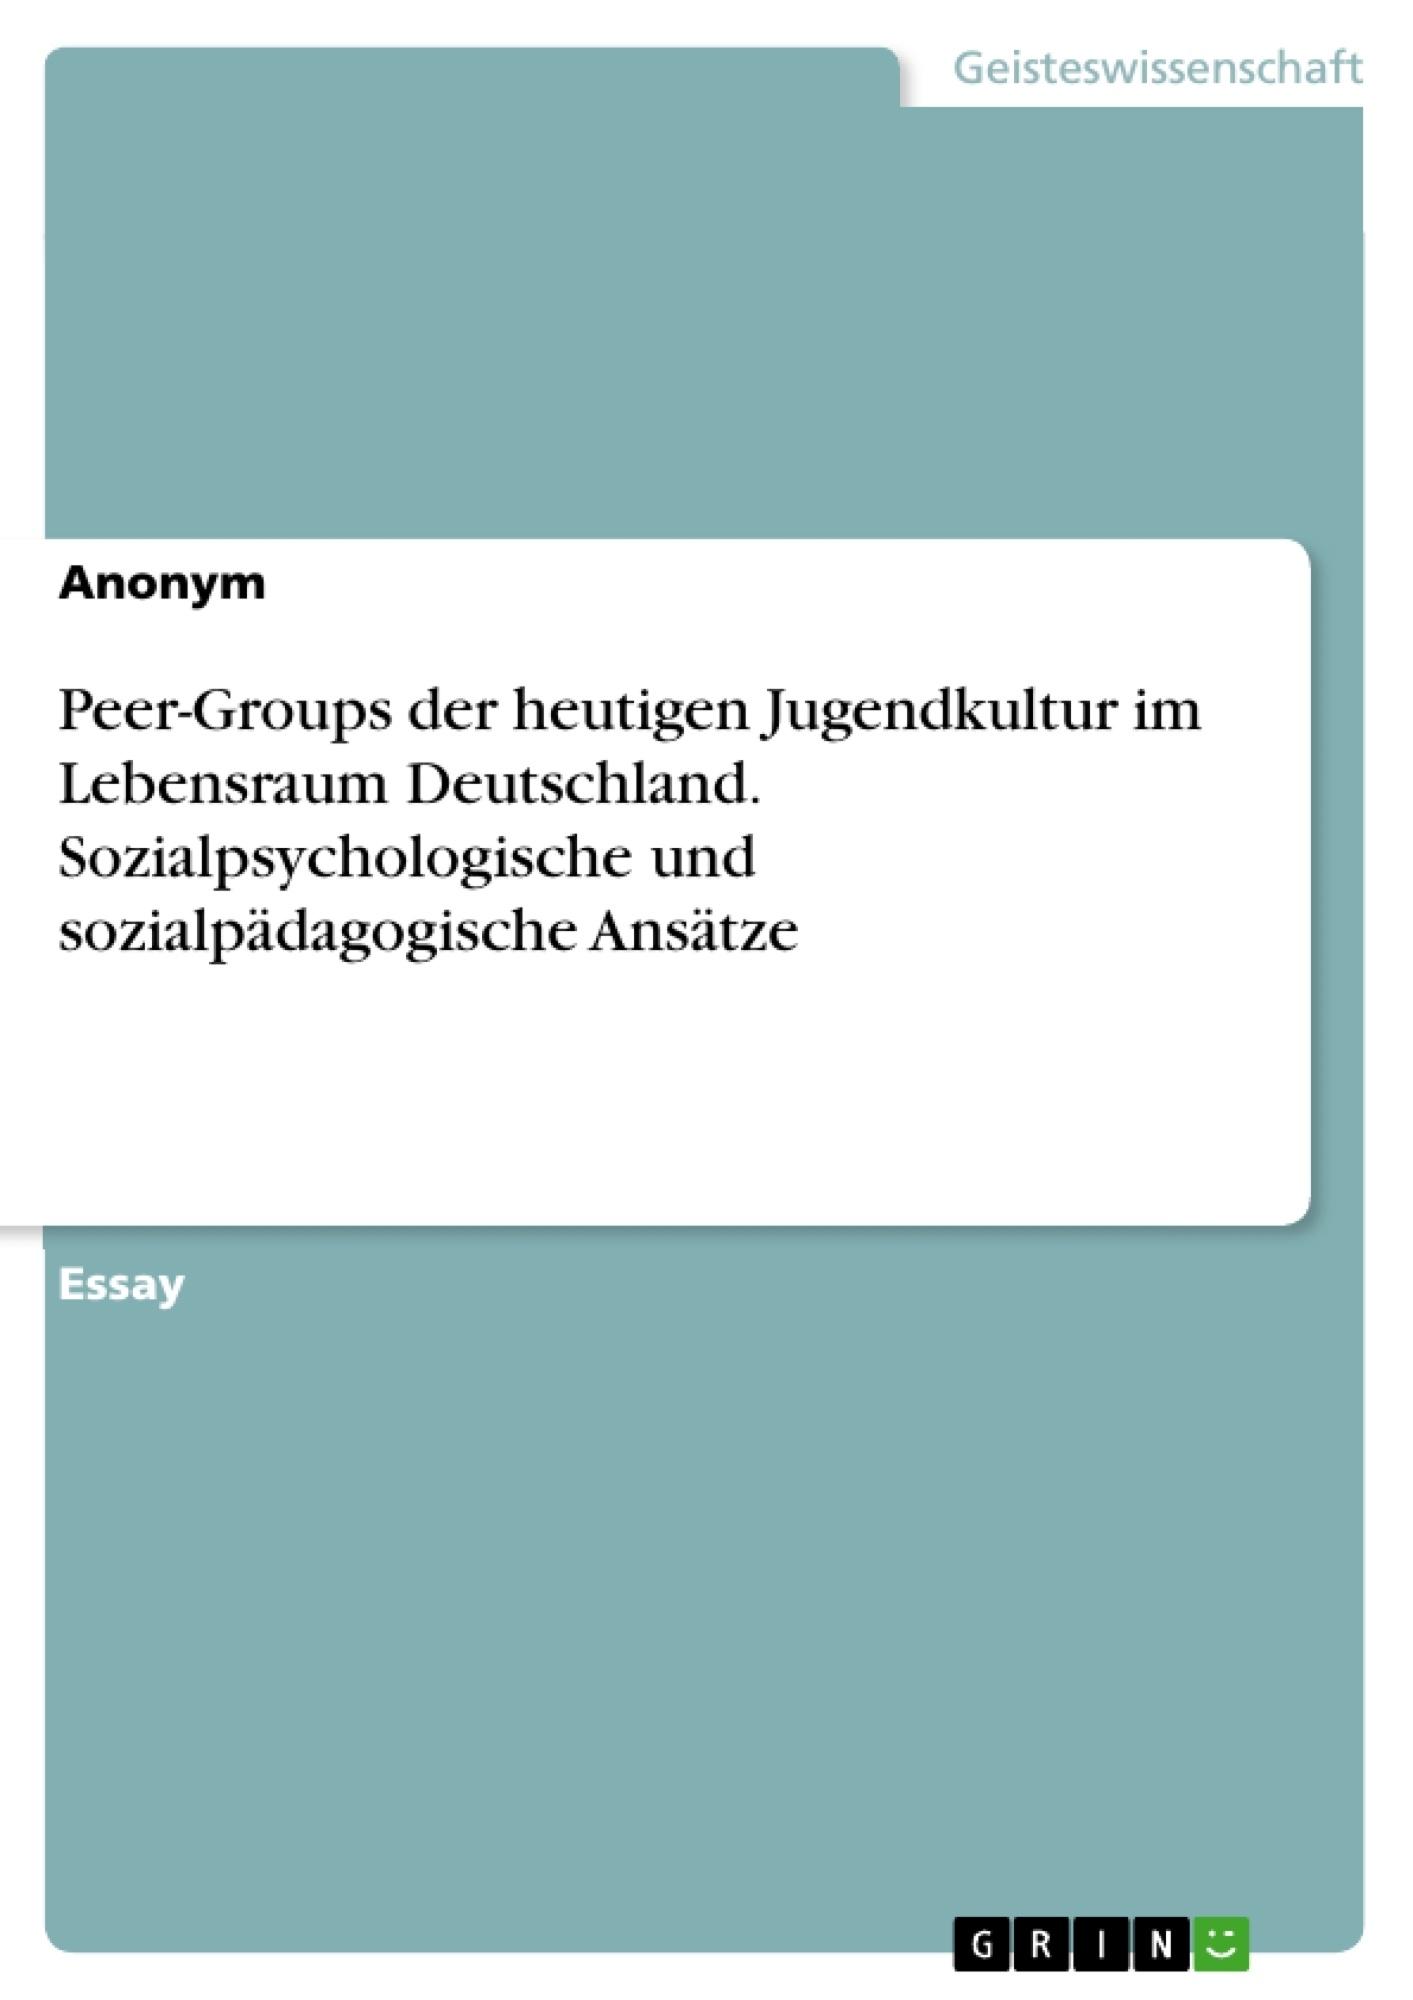 Titel: Peer-Groups der heutigen Jugendkultur im Lebensraum Deutschland. Sozialpsychologische und sozialpädagogische Ansätze